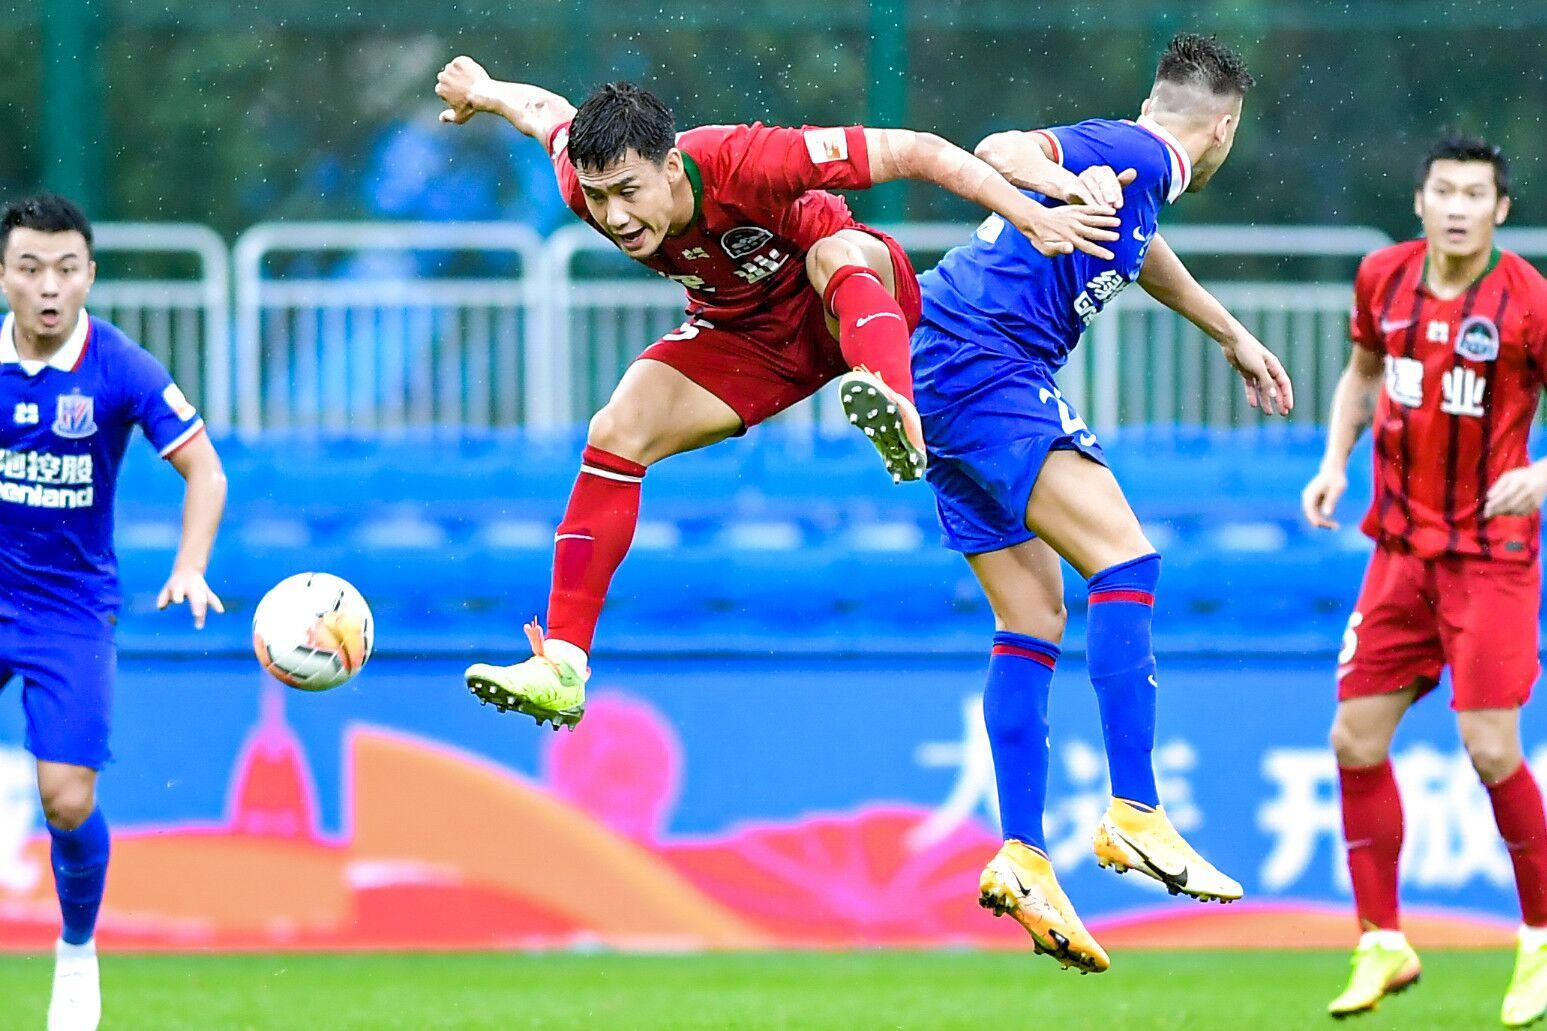 莫雷诺失单刀伊沃替补登场伤退,申花0-0建业